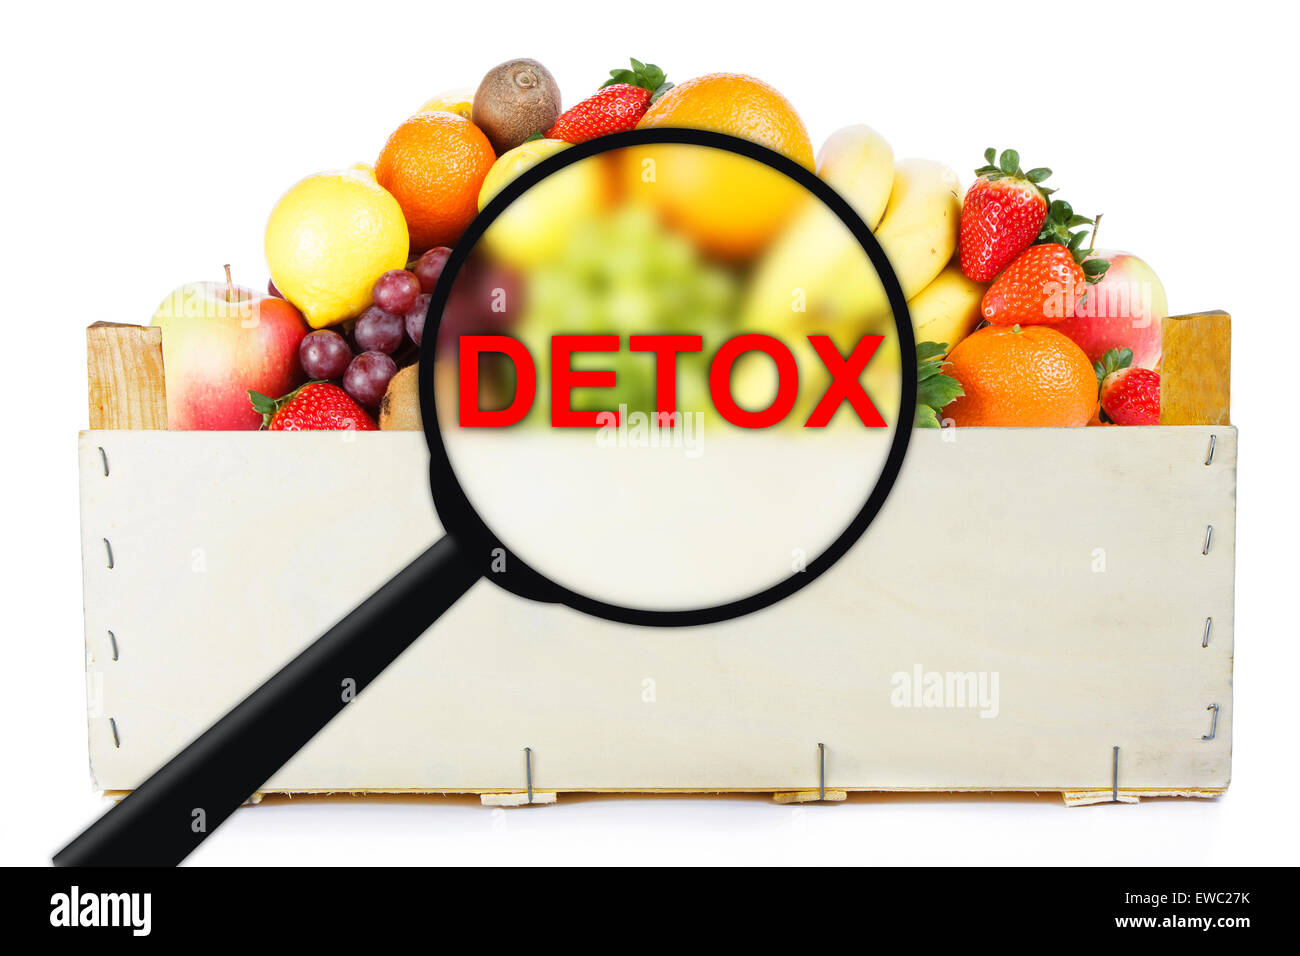 Detox. Frutas en caja de madera Imagen De Stock